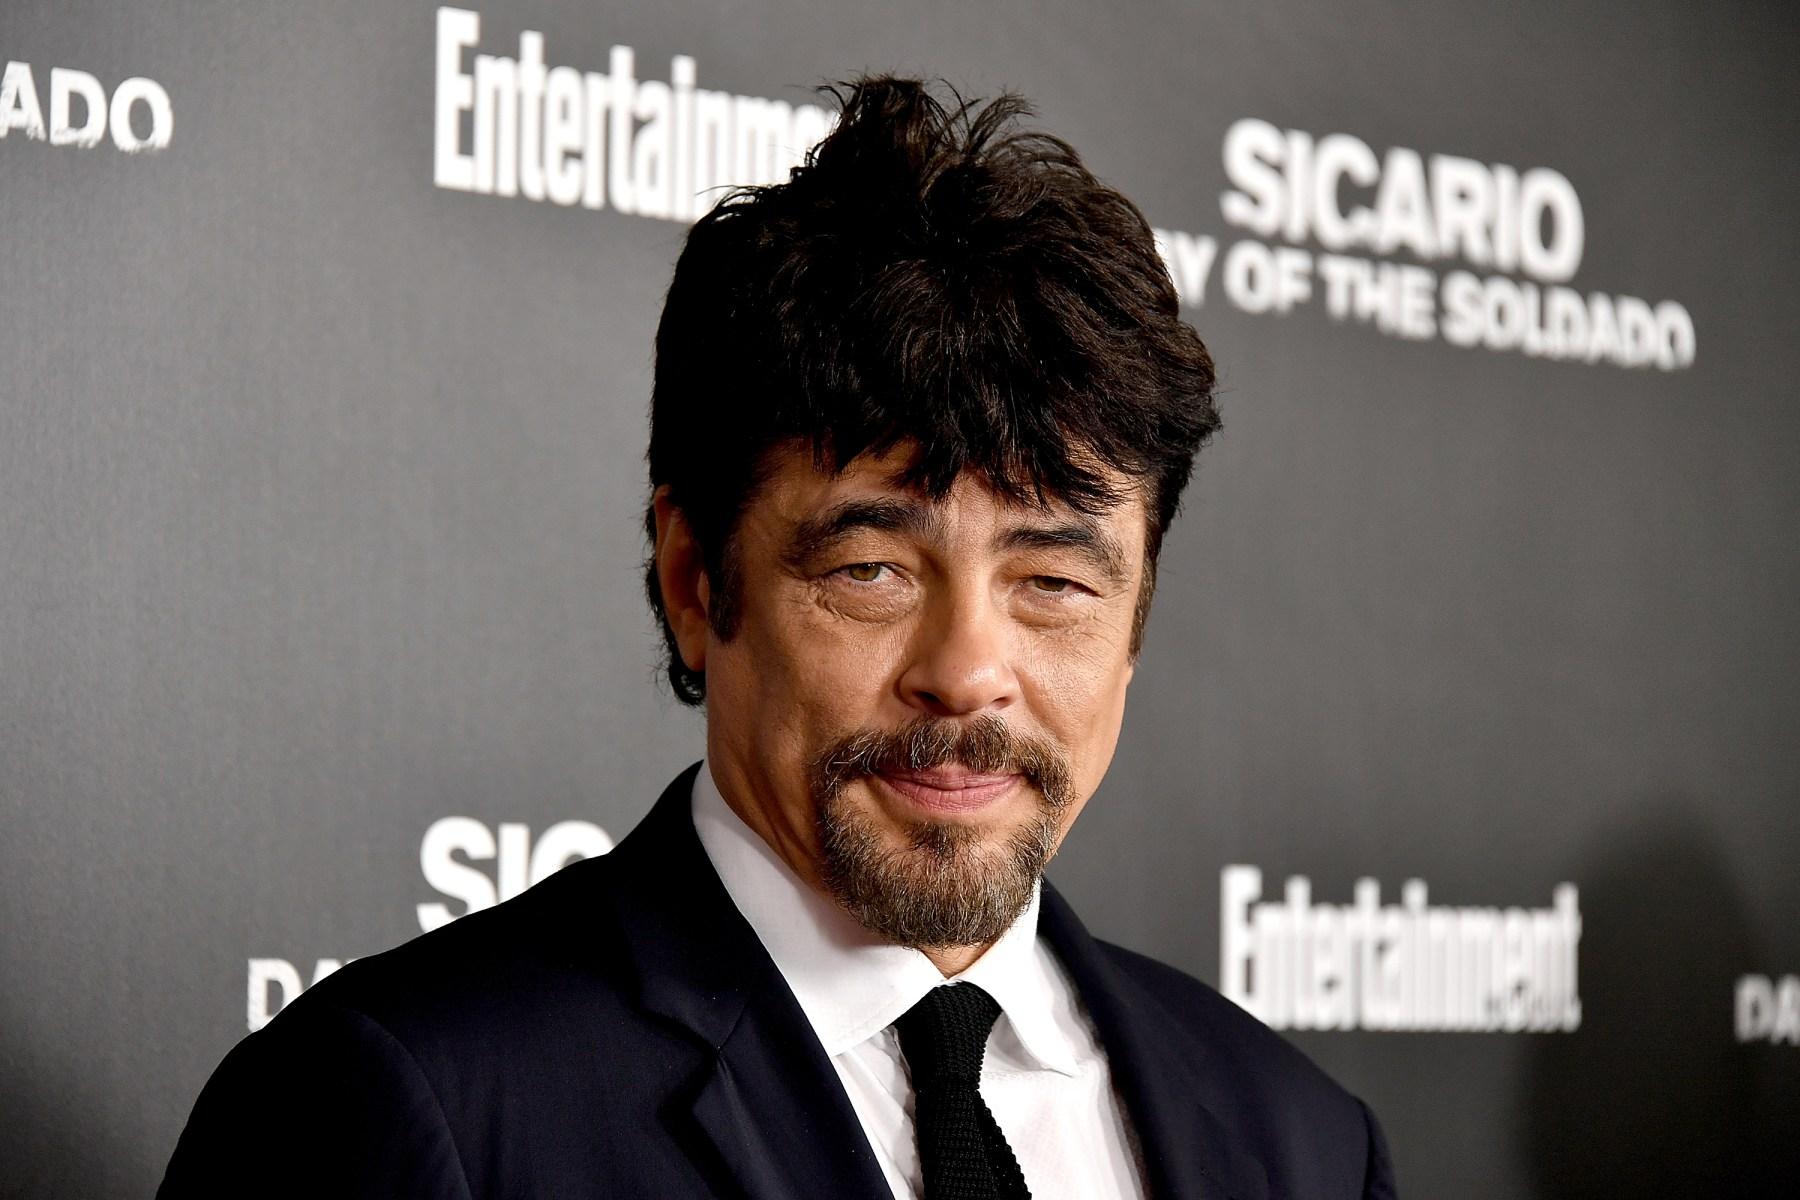 Benicio Del Toro's Career Shifts Into A Higher Gear